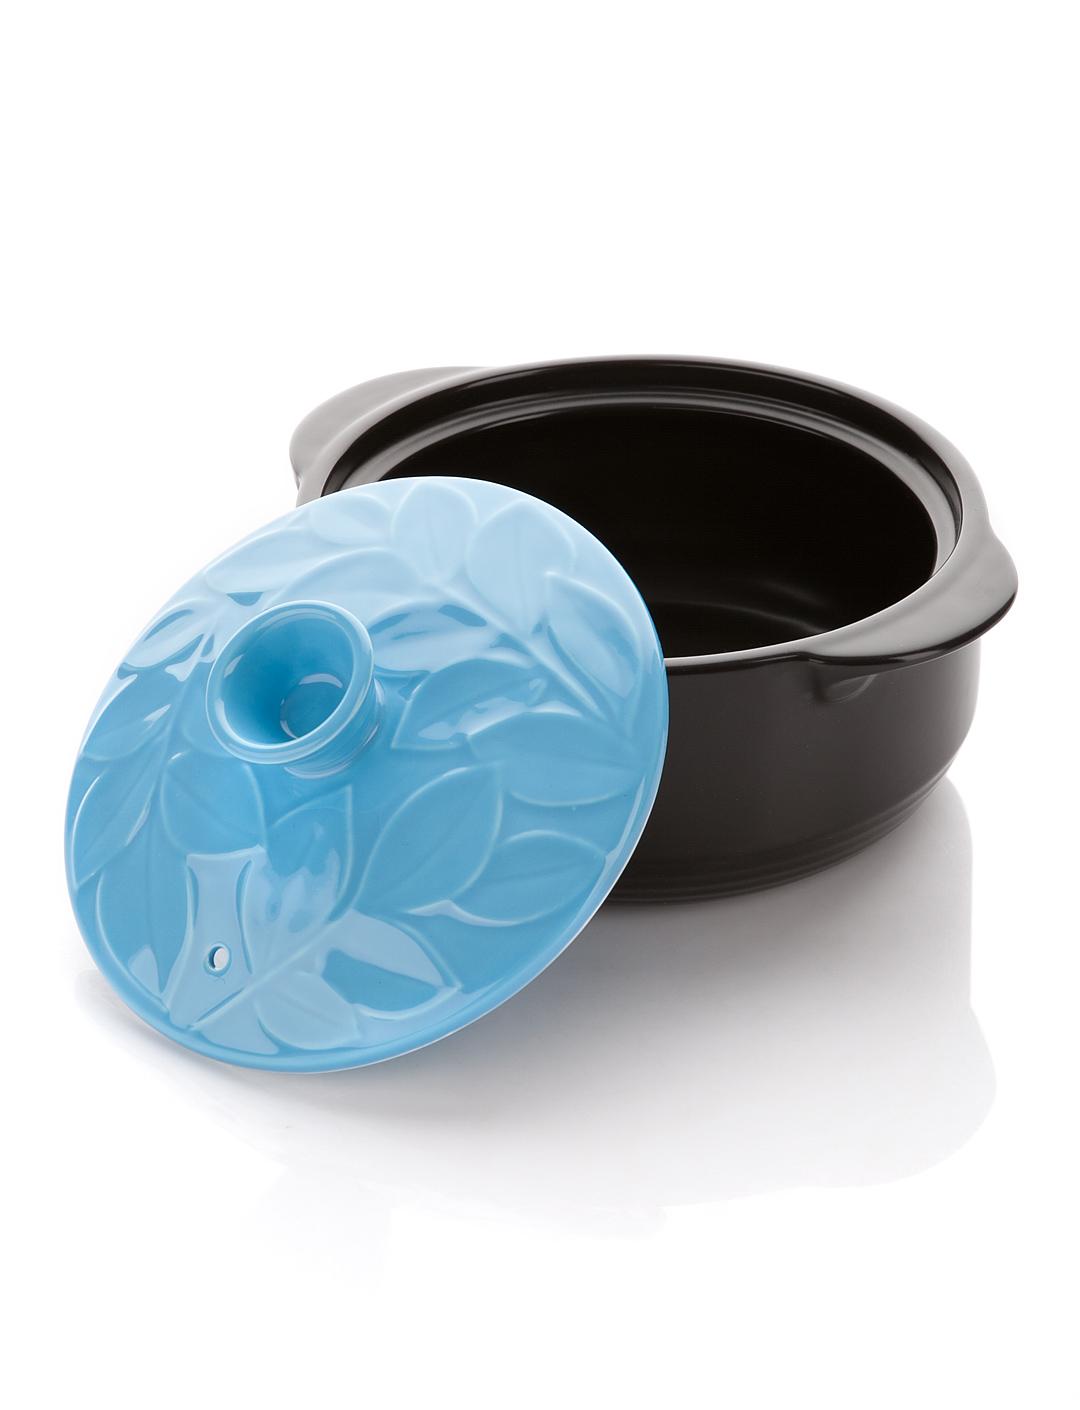 Кастрюля керамическая Hans & Gretchen с крышкой, цвет: голубой, 1,1 л54 009312Кастрюля Hans & Gretchen изготовлена из экологически чистой жаропрочной керамики. Керамическая крышка кастрюли оснащена отверстием для выпуска пара. Кастрюля равномерно нагревает блюдо, долго сохраняя тепло и не выделяя абсолютно никаких примесей в пищу. Кастрюля не искажает, а даже усиливает вкус пищи. Крышка изделия оформлена рельефным изображением листьев. Превосходно служит для замораживания продуктов в холодильнике (до -20°С). Кастрюля устойчива к химическим и механическим воздействиям. Благодаря толстым стенкам изделие нагревается равномерно.Кастрюля Hans & Gretchen прекрасно подойдет для запекания и тушения овощей, мяса и других блюд, а оригинальный дизайн и яркое оформление украсят ваш стол.Можно мыть в посудомоечной машине. Кастрюля предназначена для использования на газовой и электрической плитах, в духовке и микроволновой печи. Не подходит для индукционных плит. Высота стенки: 7,5 см.Ширина кастрюли (с учетом ручек): 21 см.Толщина дна: 5 мм.Толщина стенки: 5 мм.